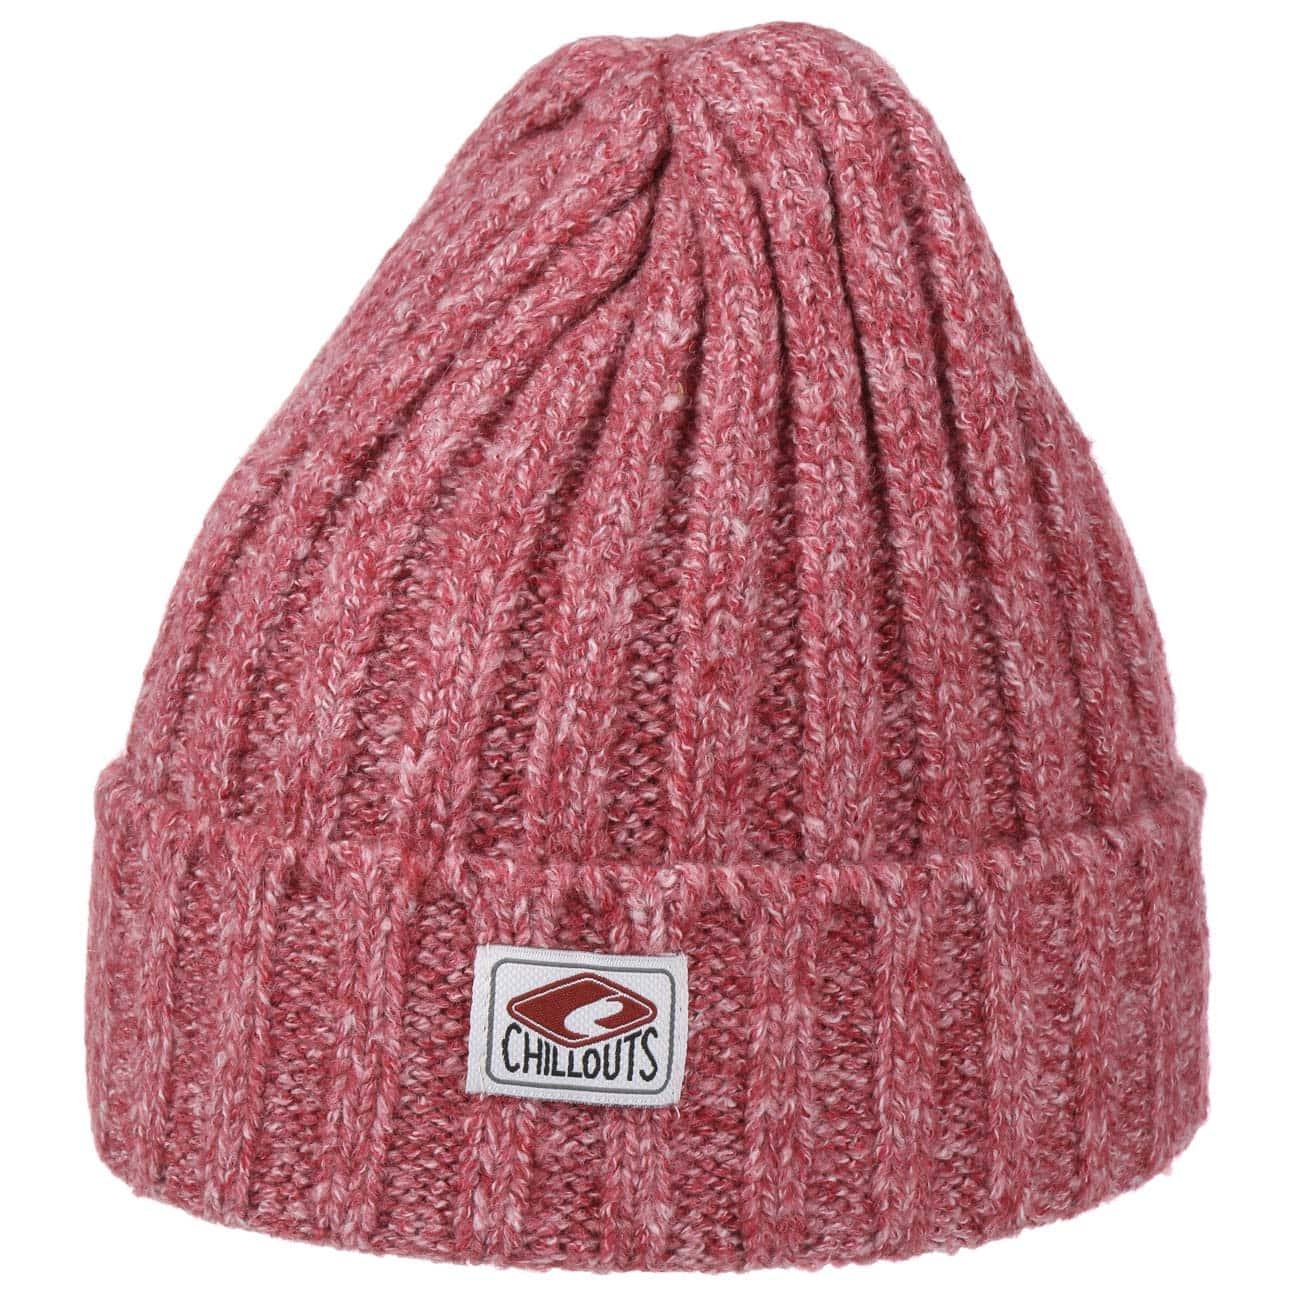 Bonnet en Tricot Freddie by Chillouts  bonnet pour l`hiver